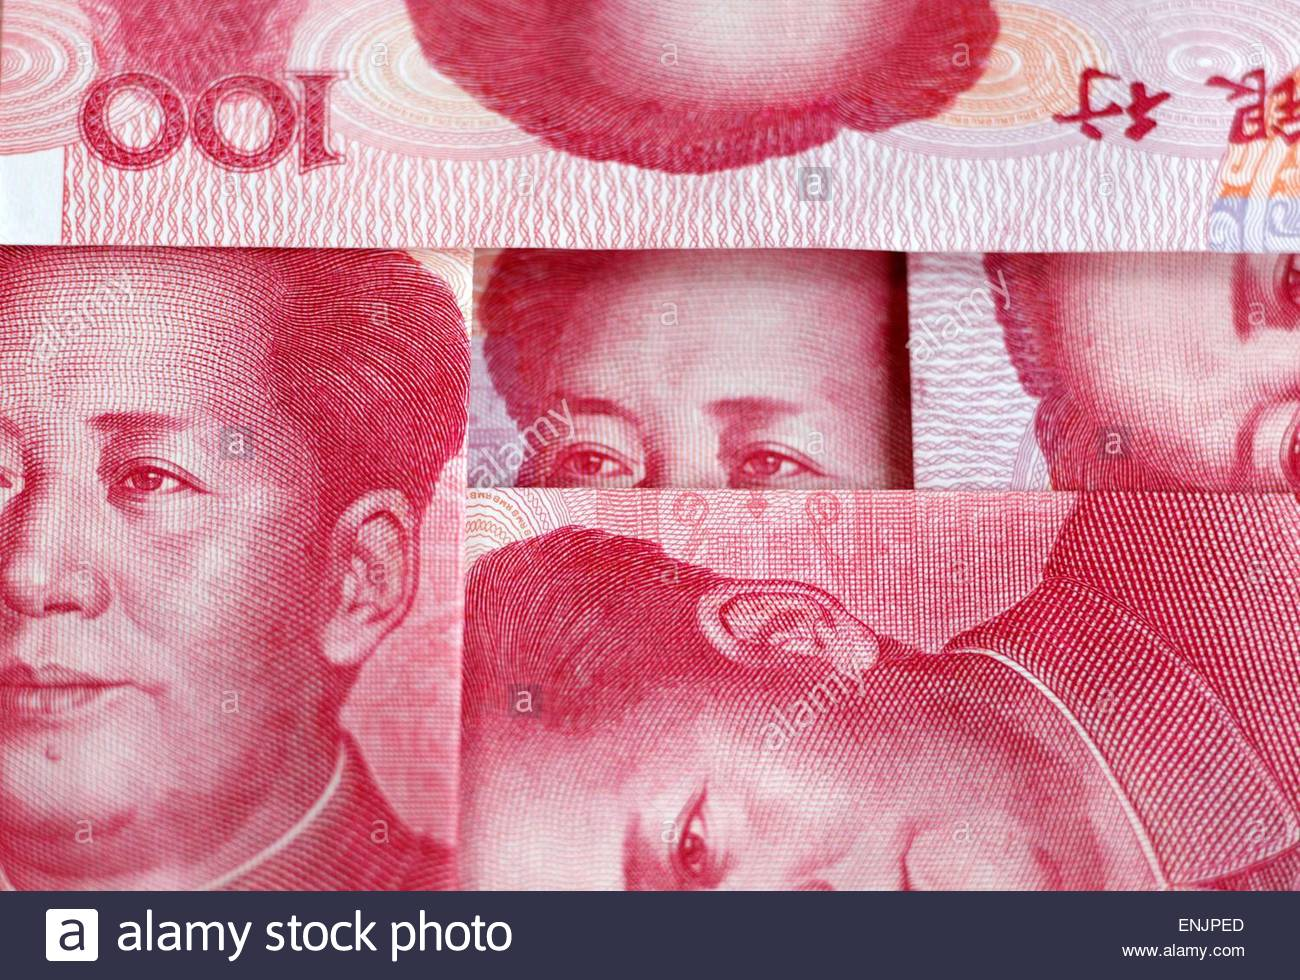 Как на форексе обозначается китайский юань